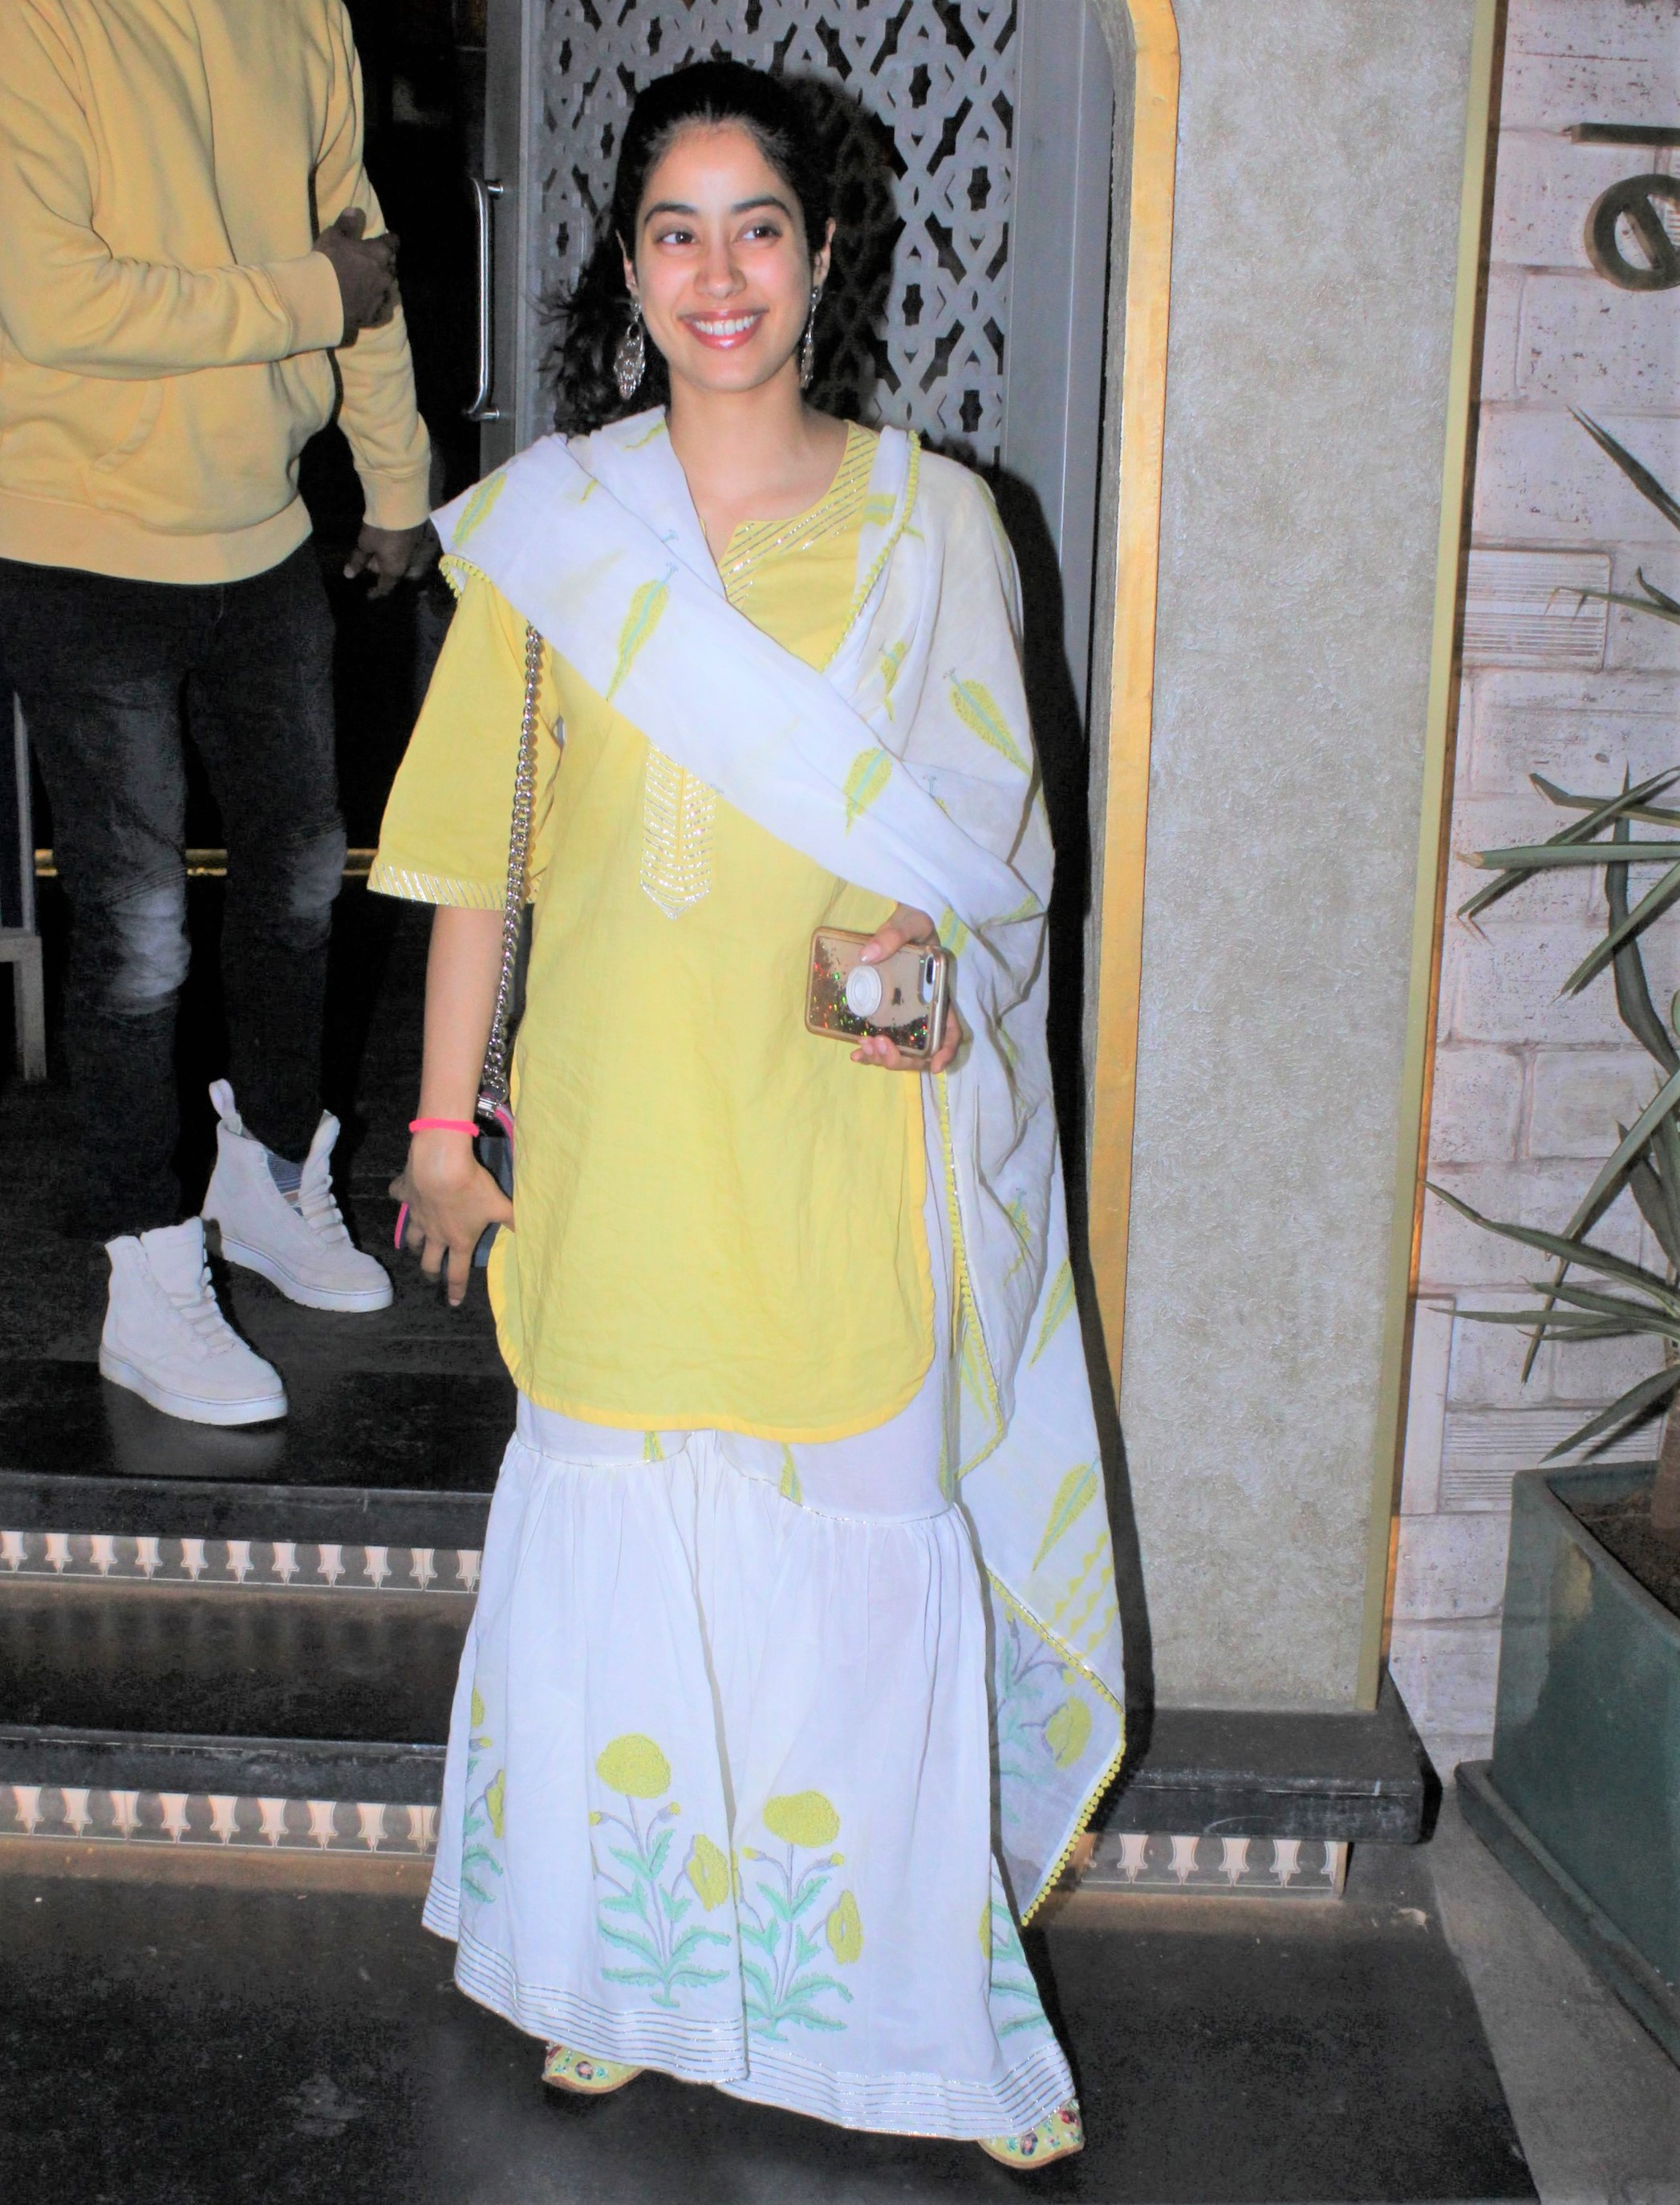 Esha Gupta, Ishaan Khatter and Janhvi Kapoor Spotted Around Town